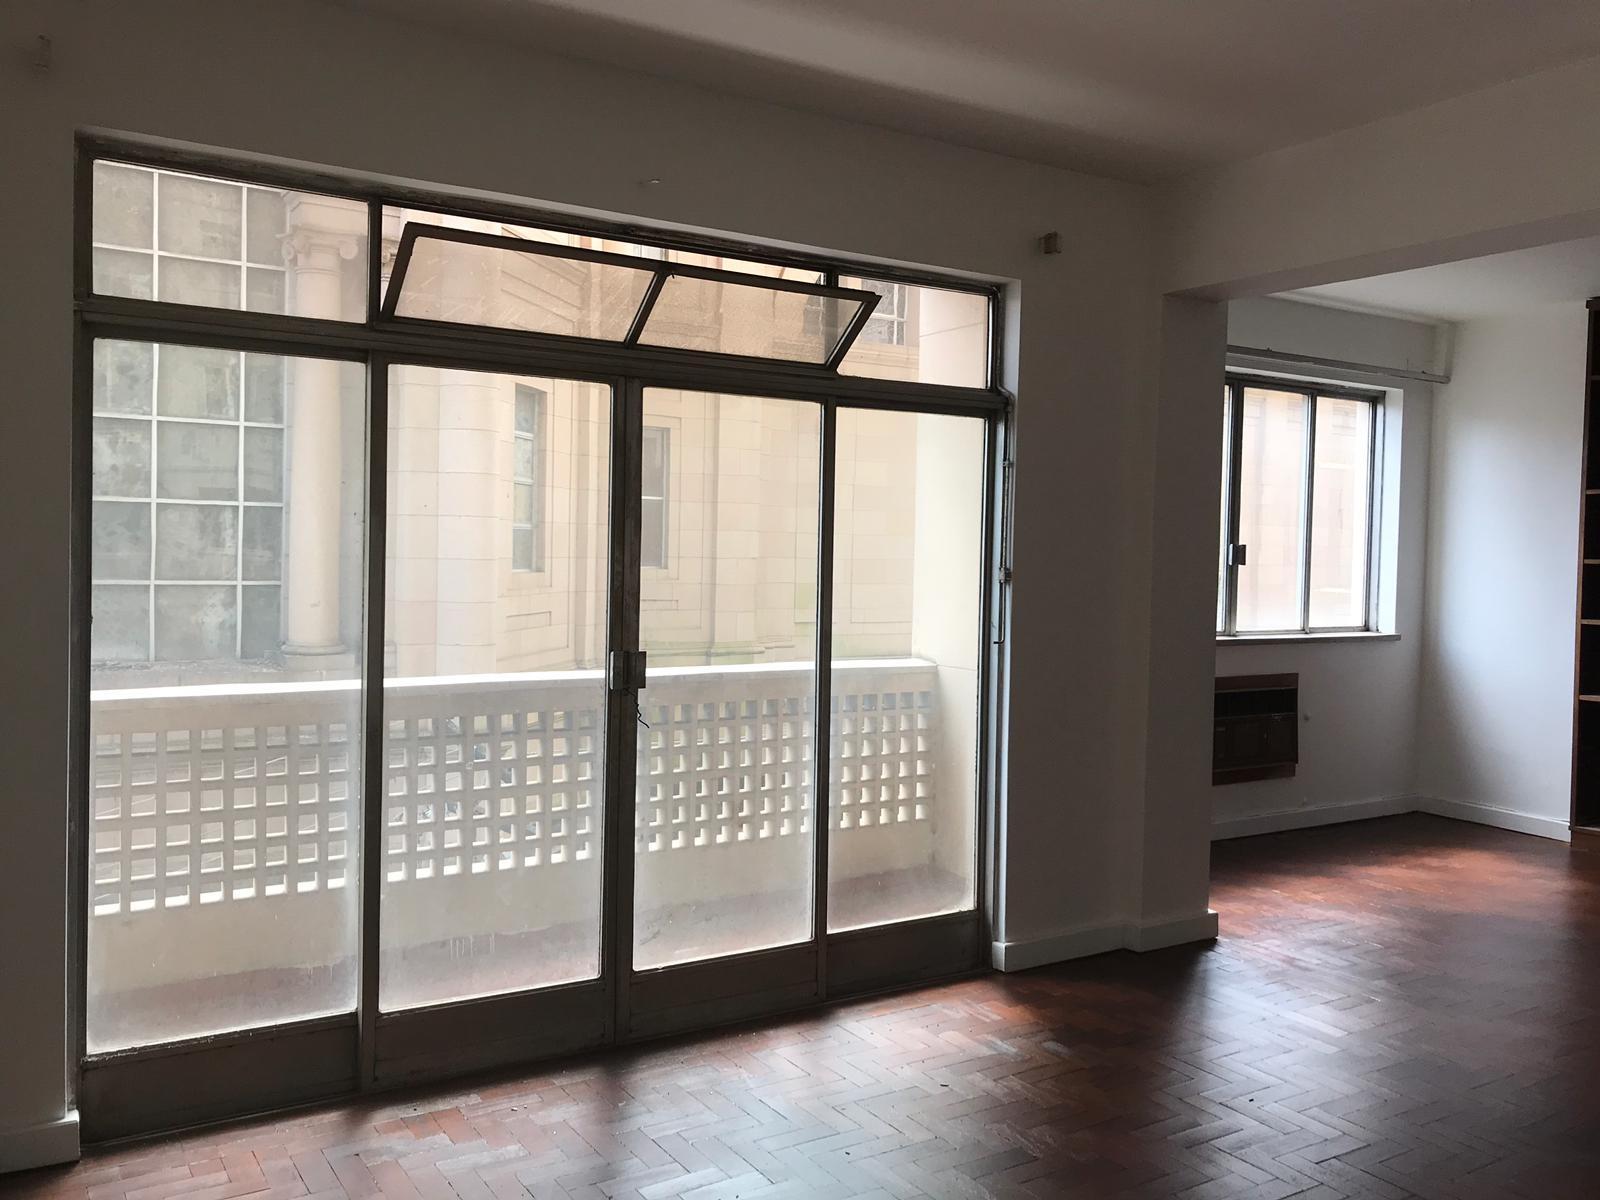 Apto 3 quartos, 140 m²  no bairro CENTRO HISTORICO em PORTO ALEGRE/RS - Loja Imobiliária o seu portal de imóveis para alugar, aluguel e locação